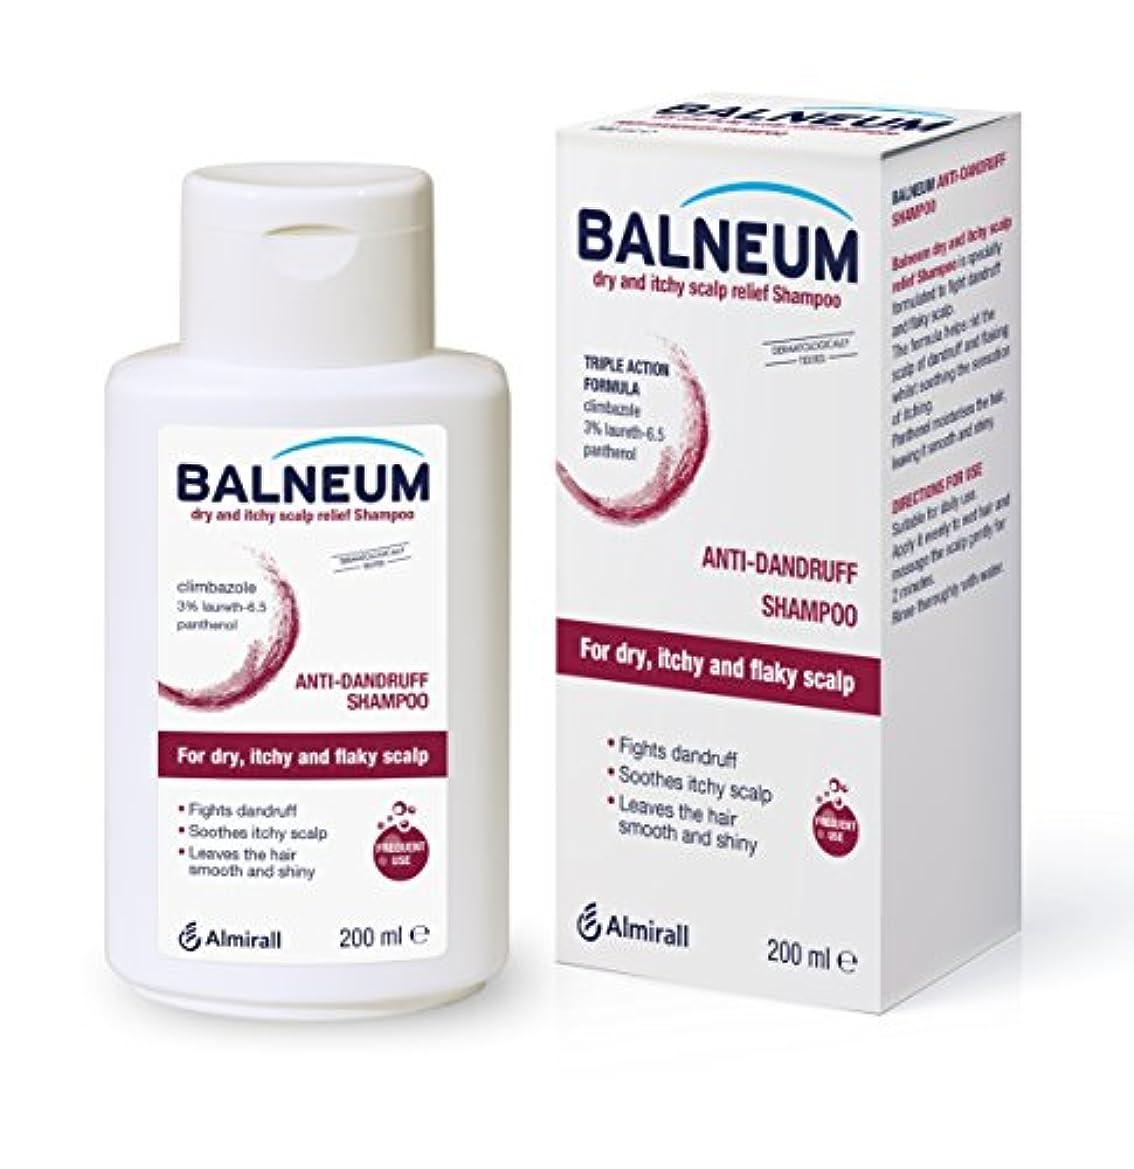 コンピュータースポーツ潜在的なBalneum Dry and itchyスカルプリリーフシャンプー、200 ml